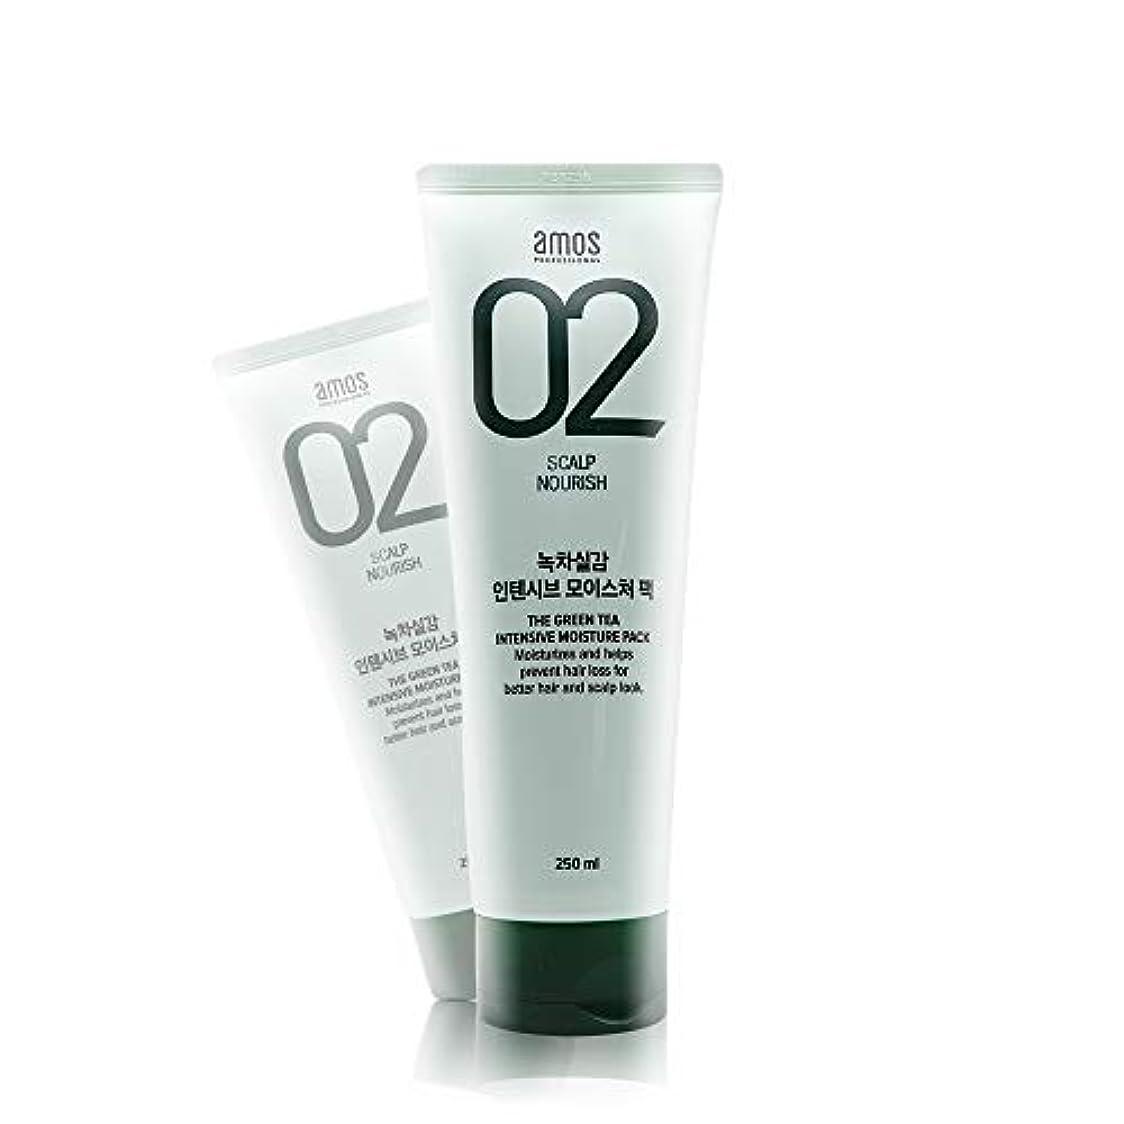 常識シルク立派なアモス AMOS 緑茶実感インテンシブモイスチャーパック 250g, Feel the Green Tea Intensive Moisture Hair Pack